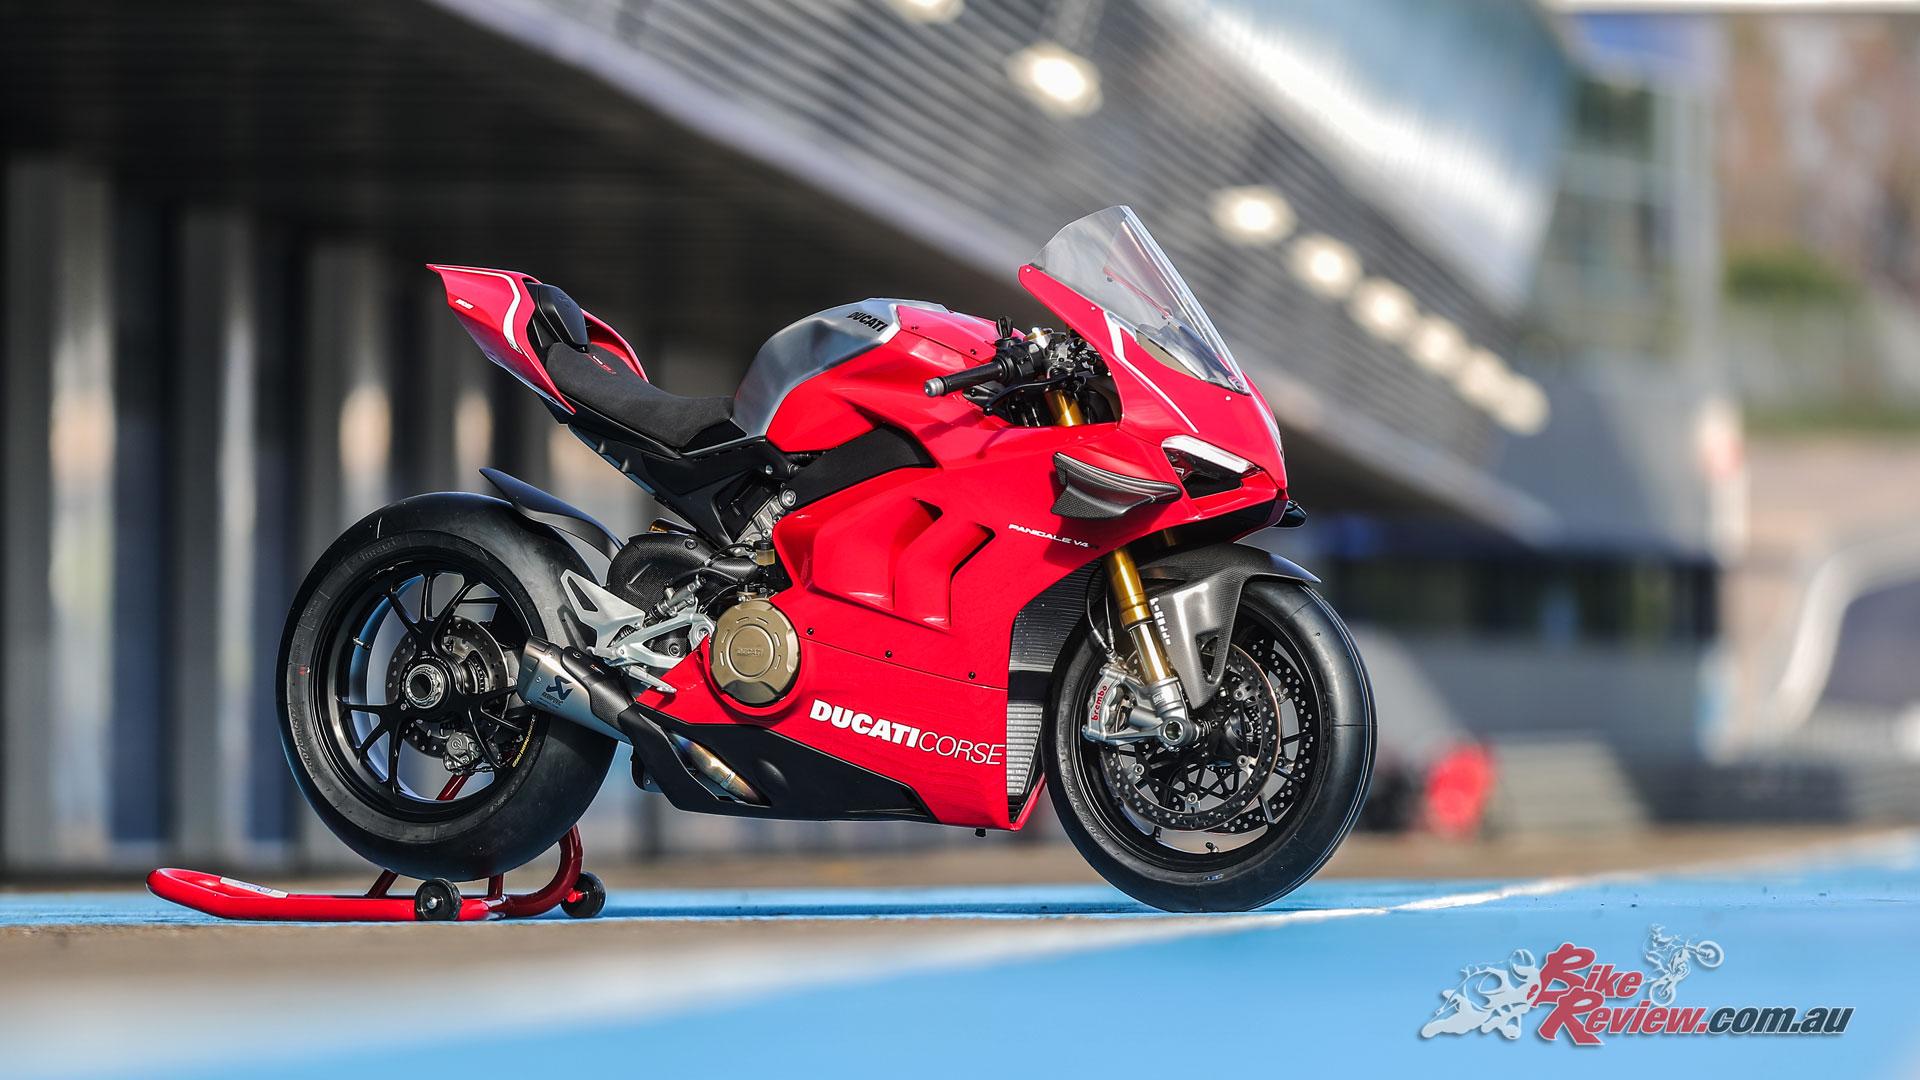 Ducati's Panigale V4 R